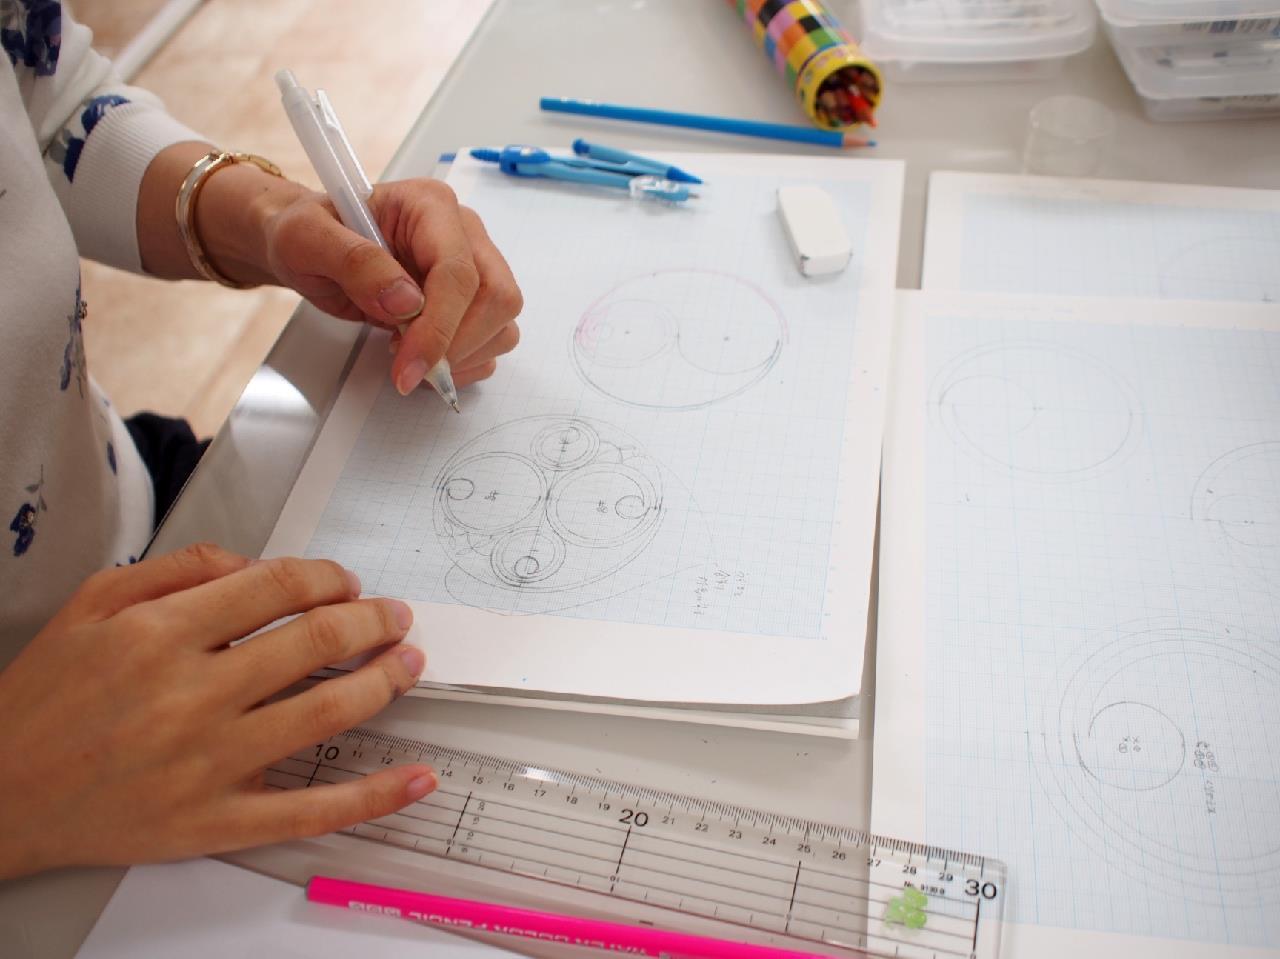 カリグラフィーとイルミネーション(西洋写本装飾)の教室 モジ・アカデミア(南青山) by カリグラファー西村弥生